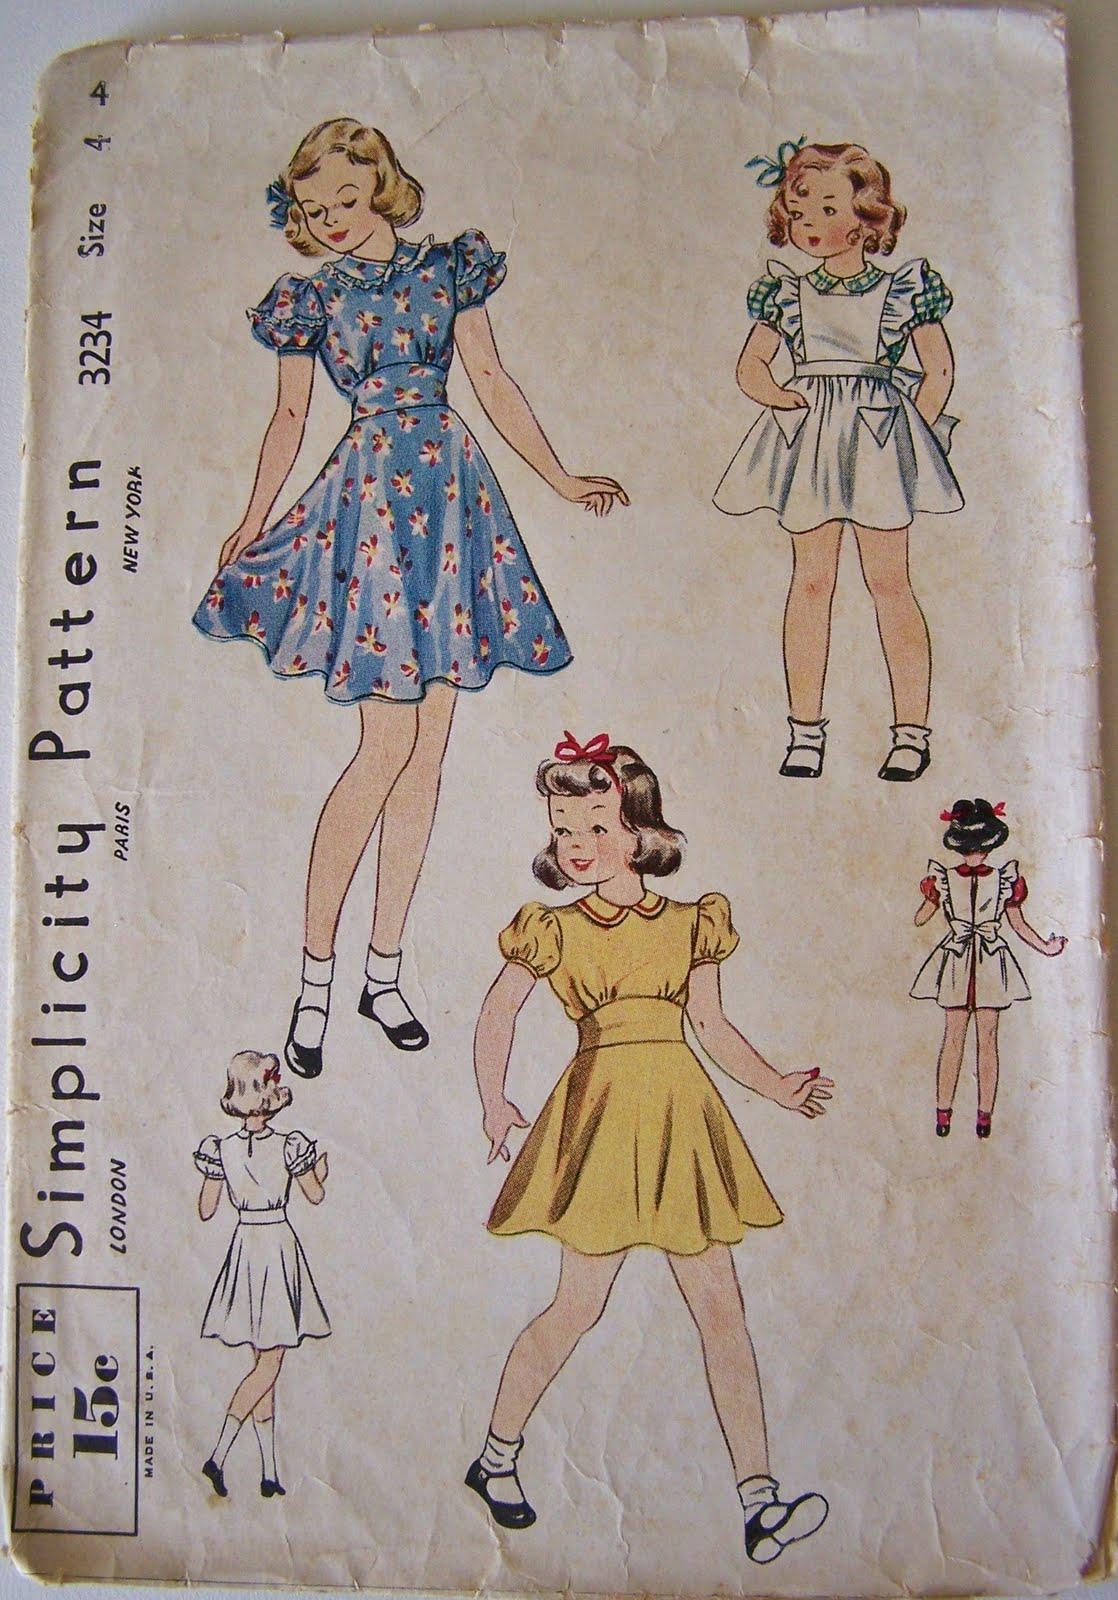 1930s womens fashion hot girls wallpaper